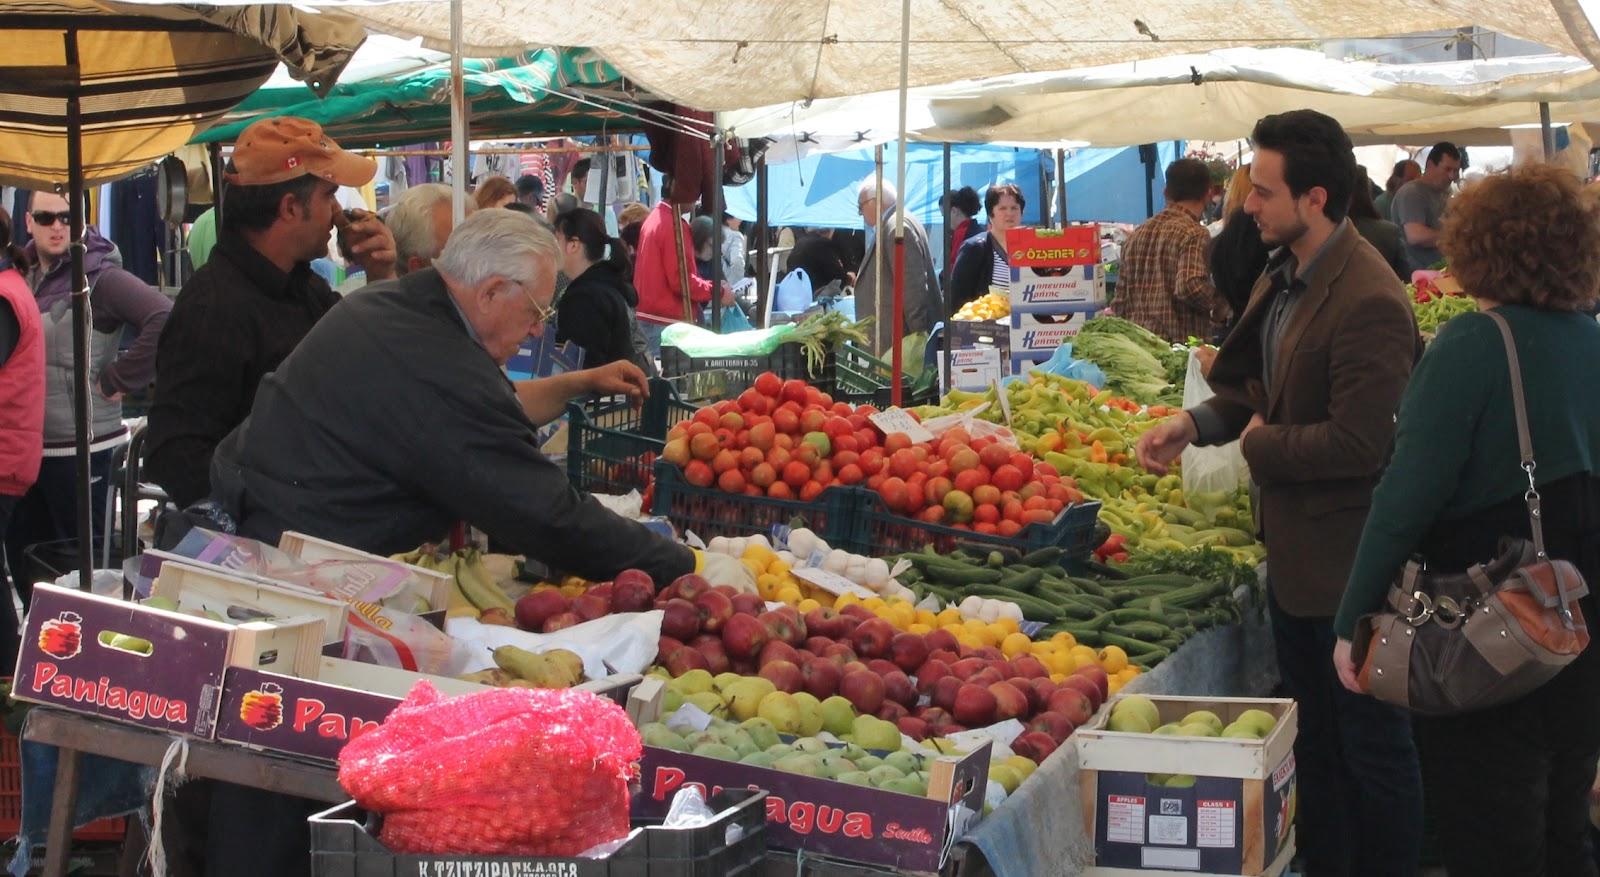 Μεταφέρεται στη Βάρη για το καλοκαίρι η λαϊκή αγορά της Βάρκιζας